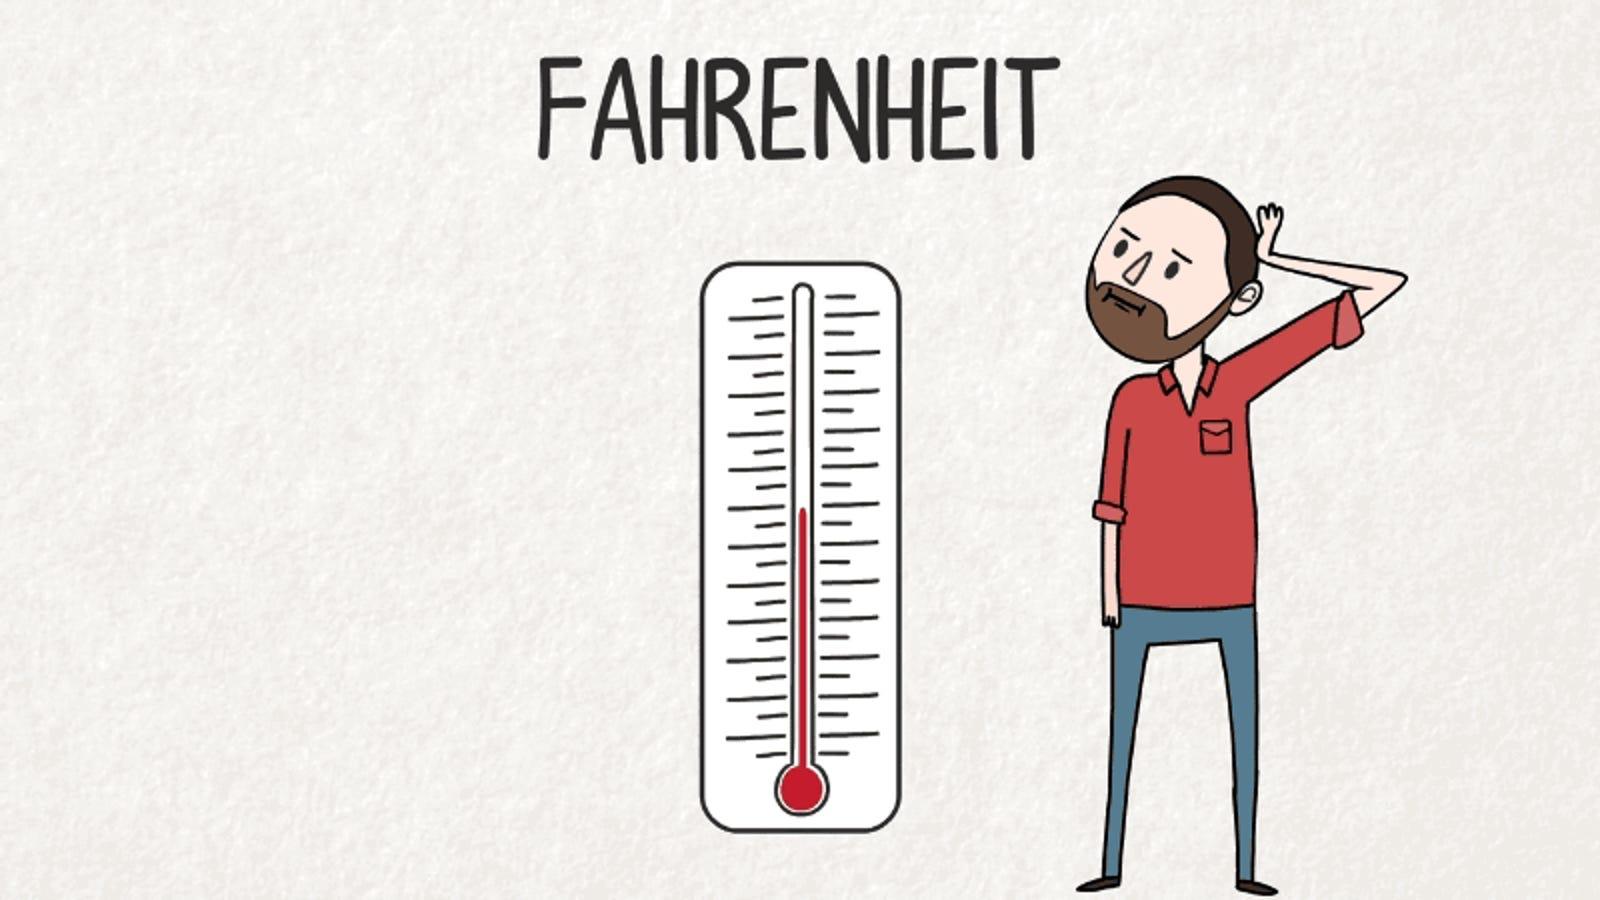 por qué los grados fahrenheit tienen muy poco sentido como escala de